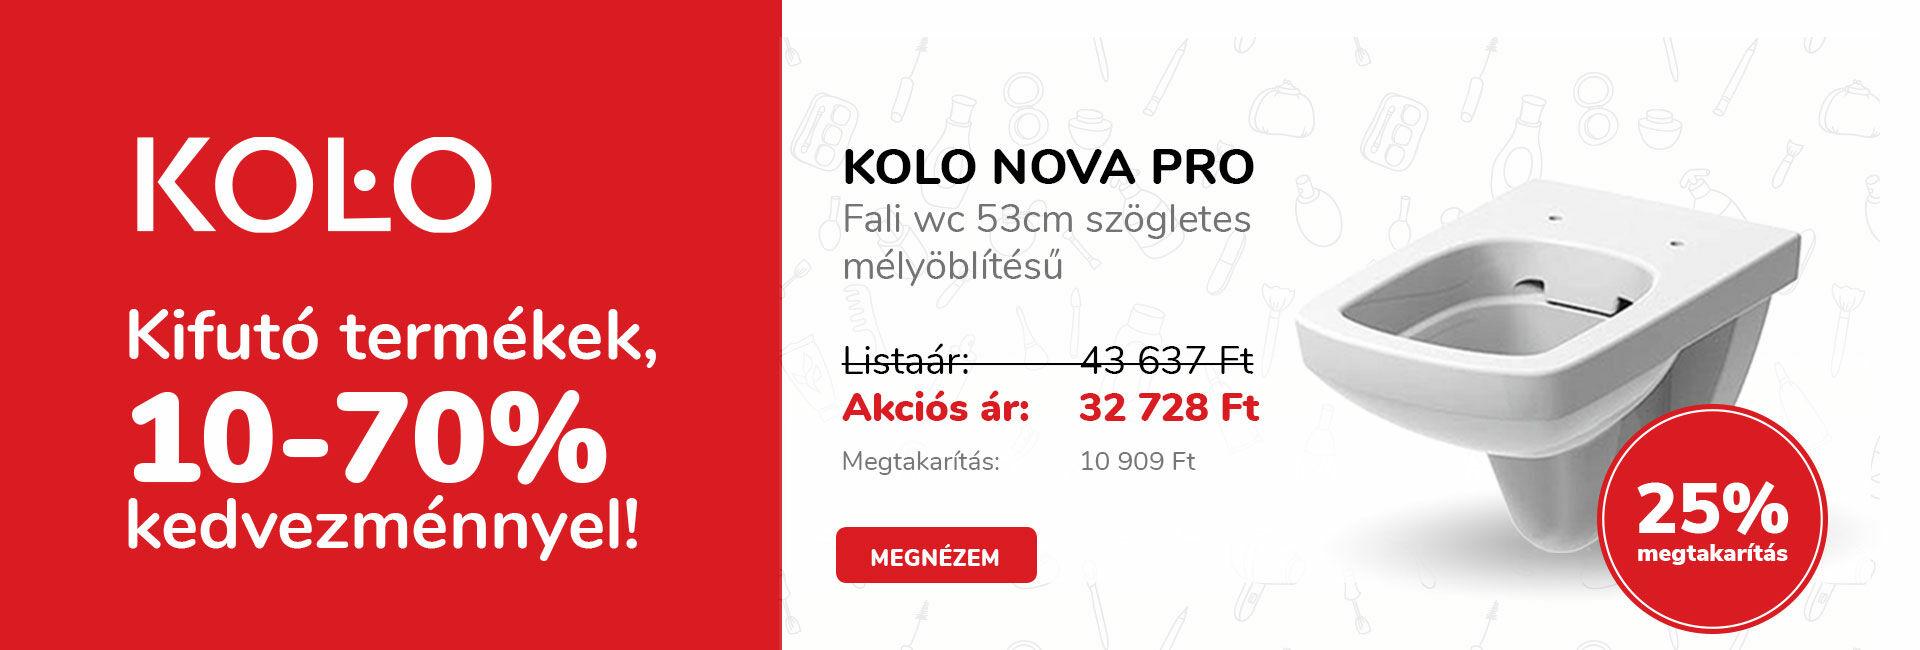 2019 Kolo